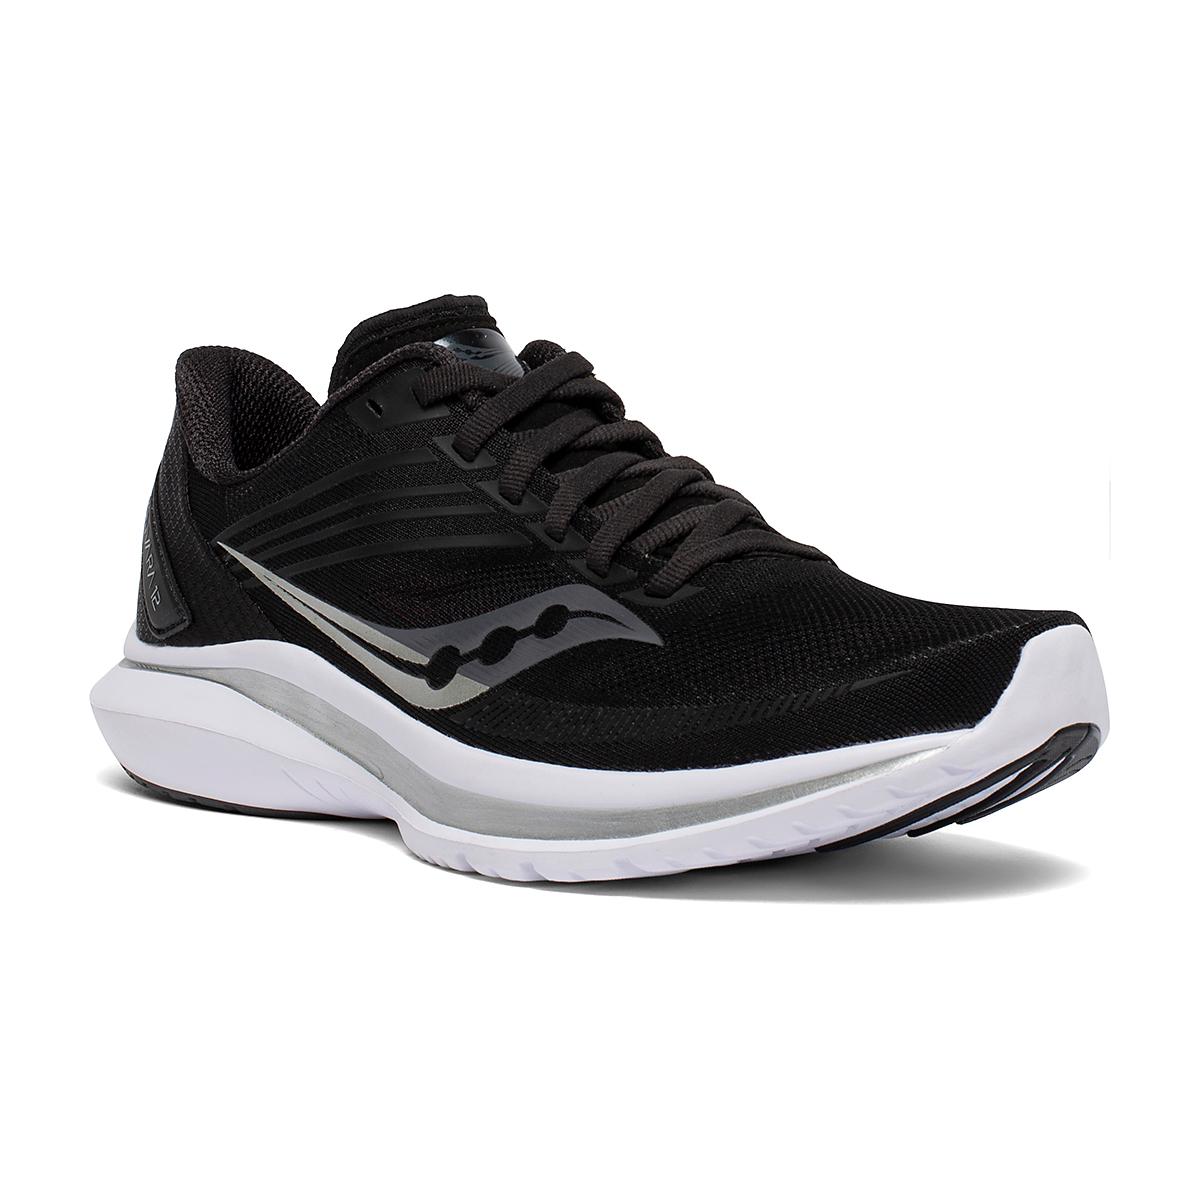 Women's Saucony Kinvara 12 Running Shoe - Color: Black/Silver - Size: 5 - Width: Regular, Black/Silver, large, image 2